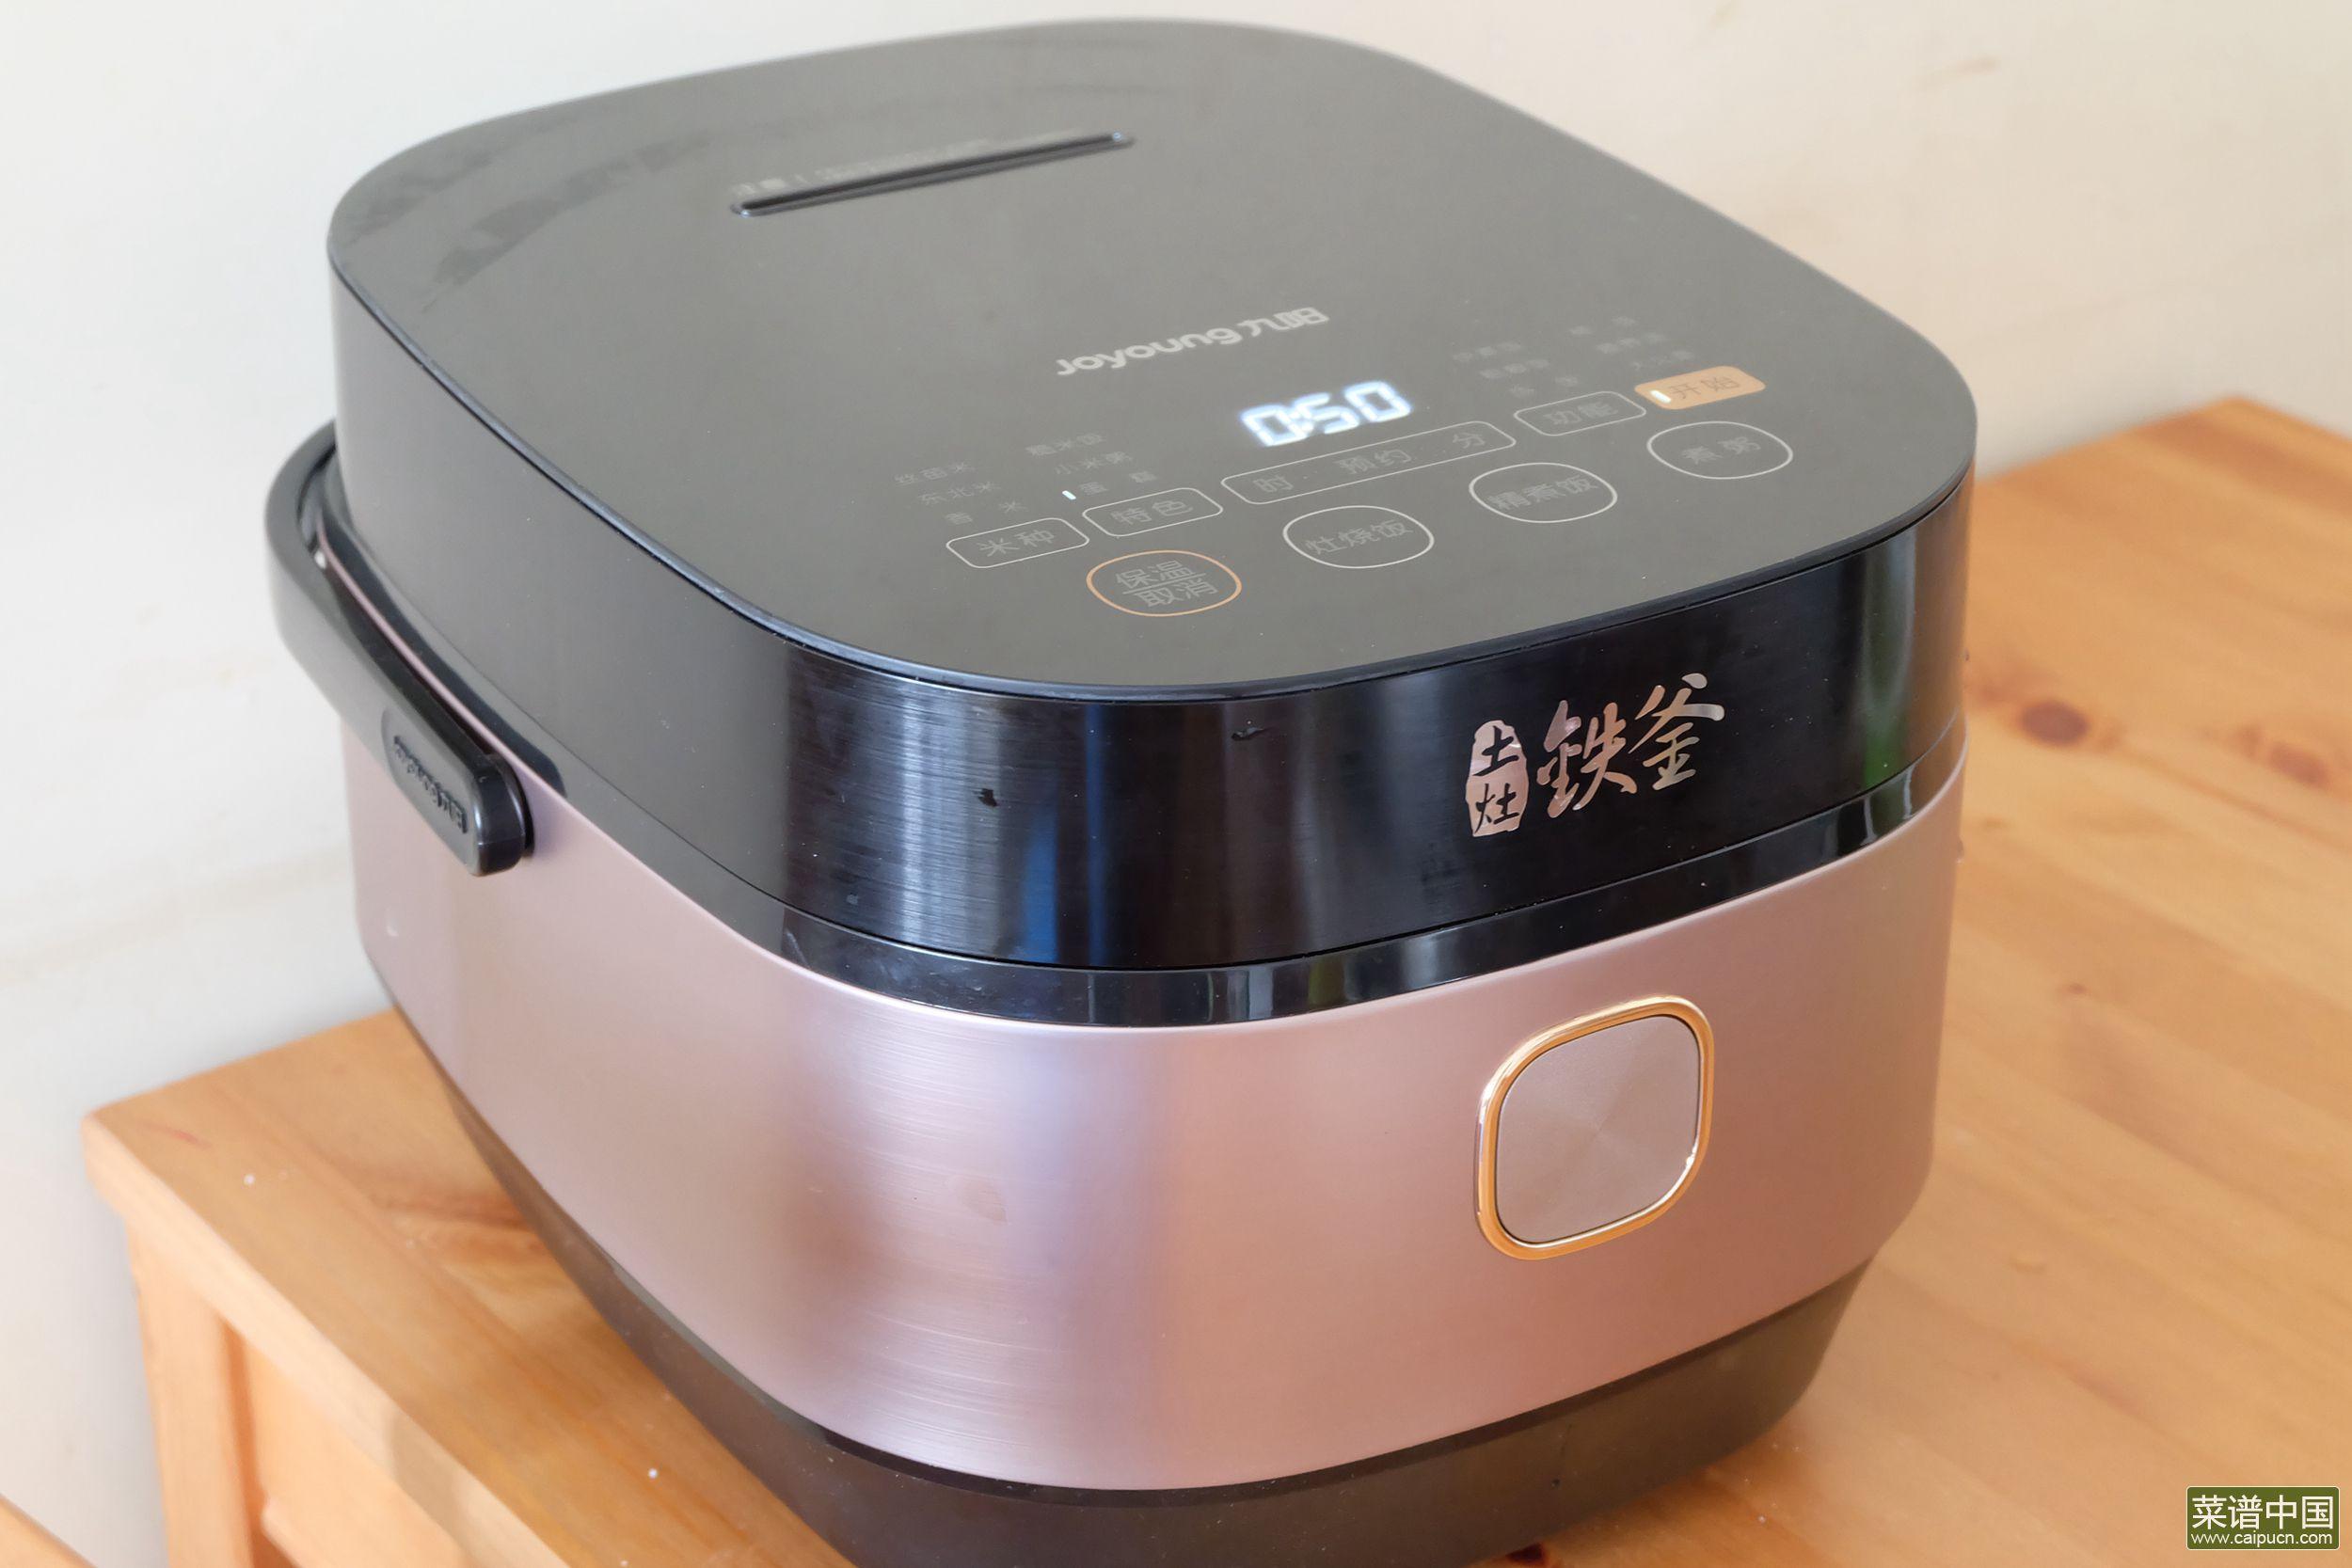 【93度铁定香】百香果戚风蛋糕的做法步骤12